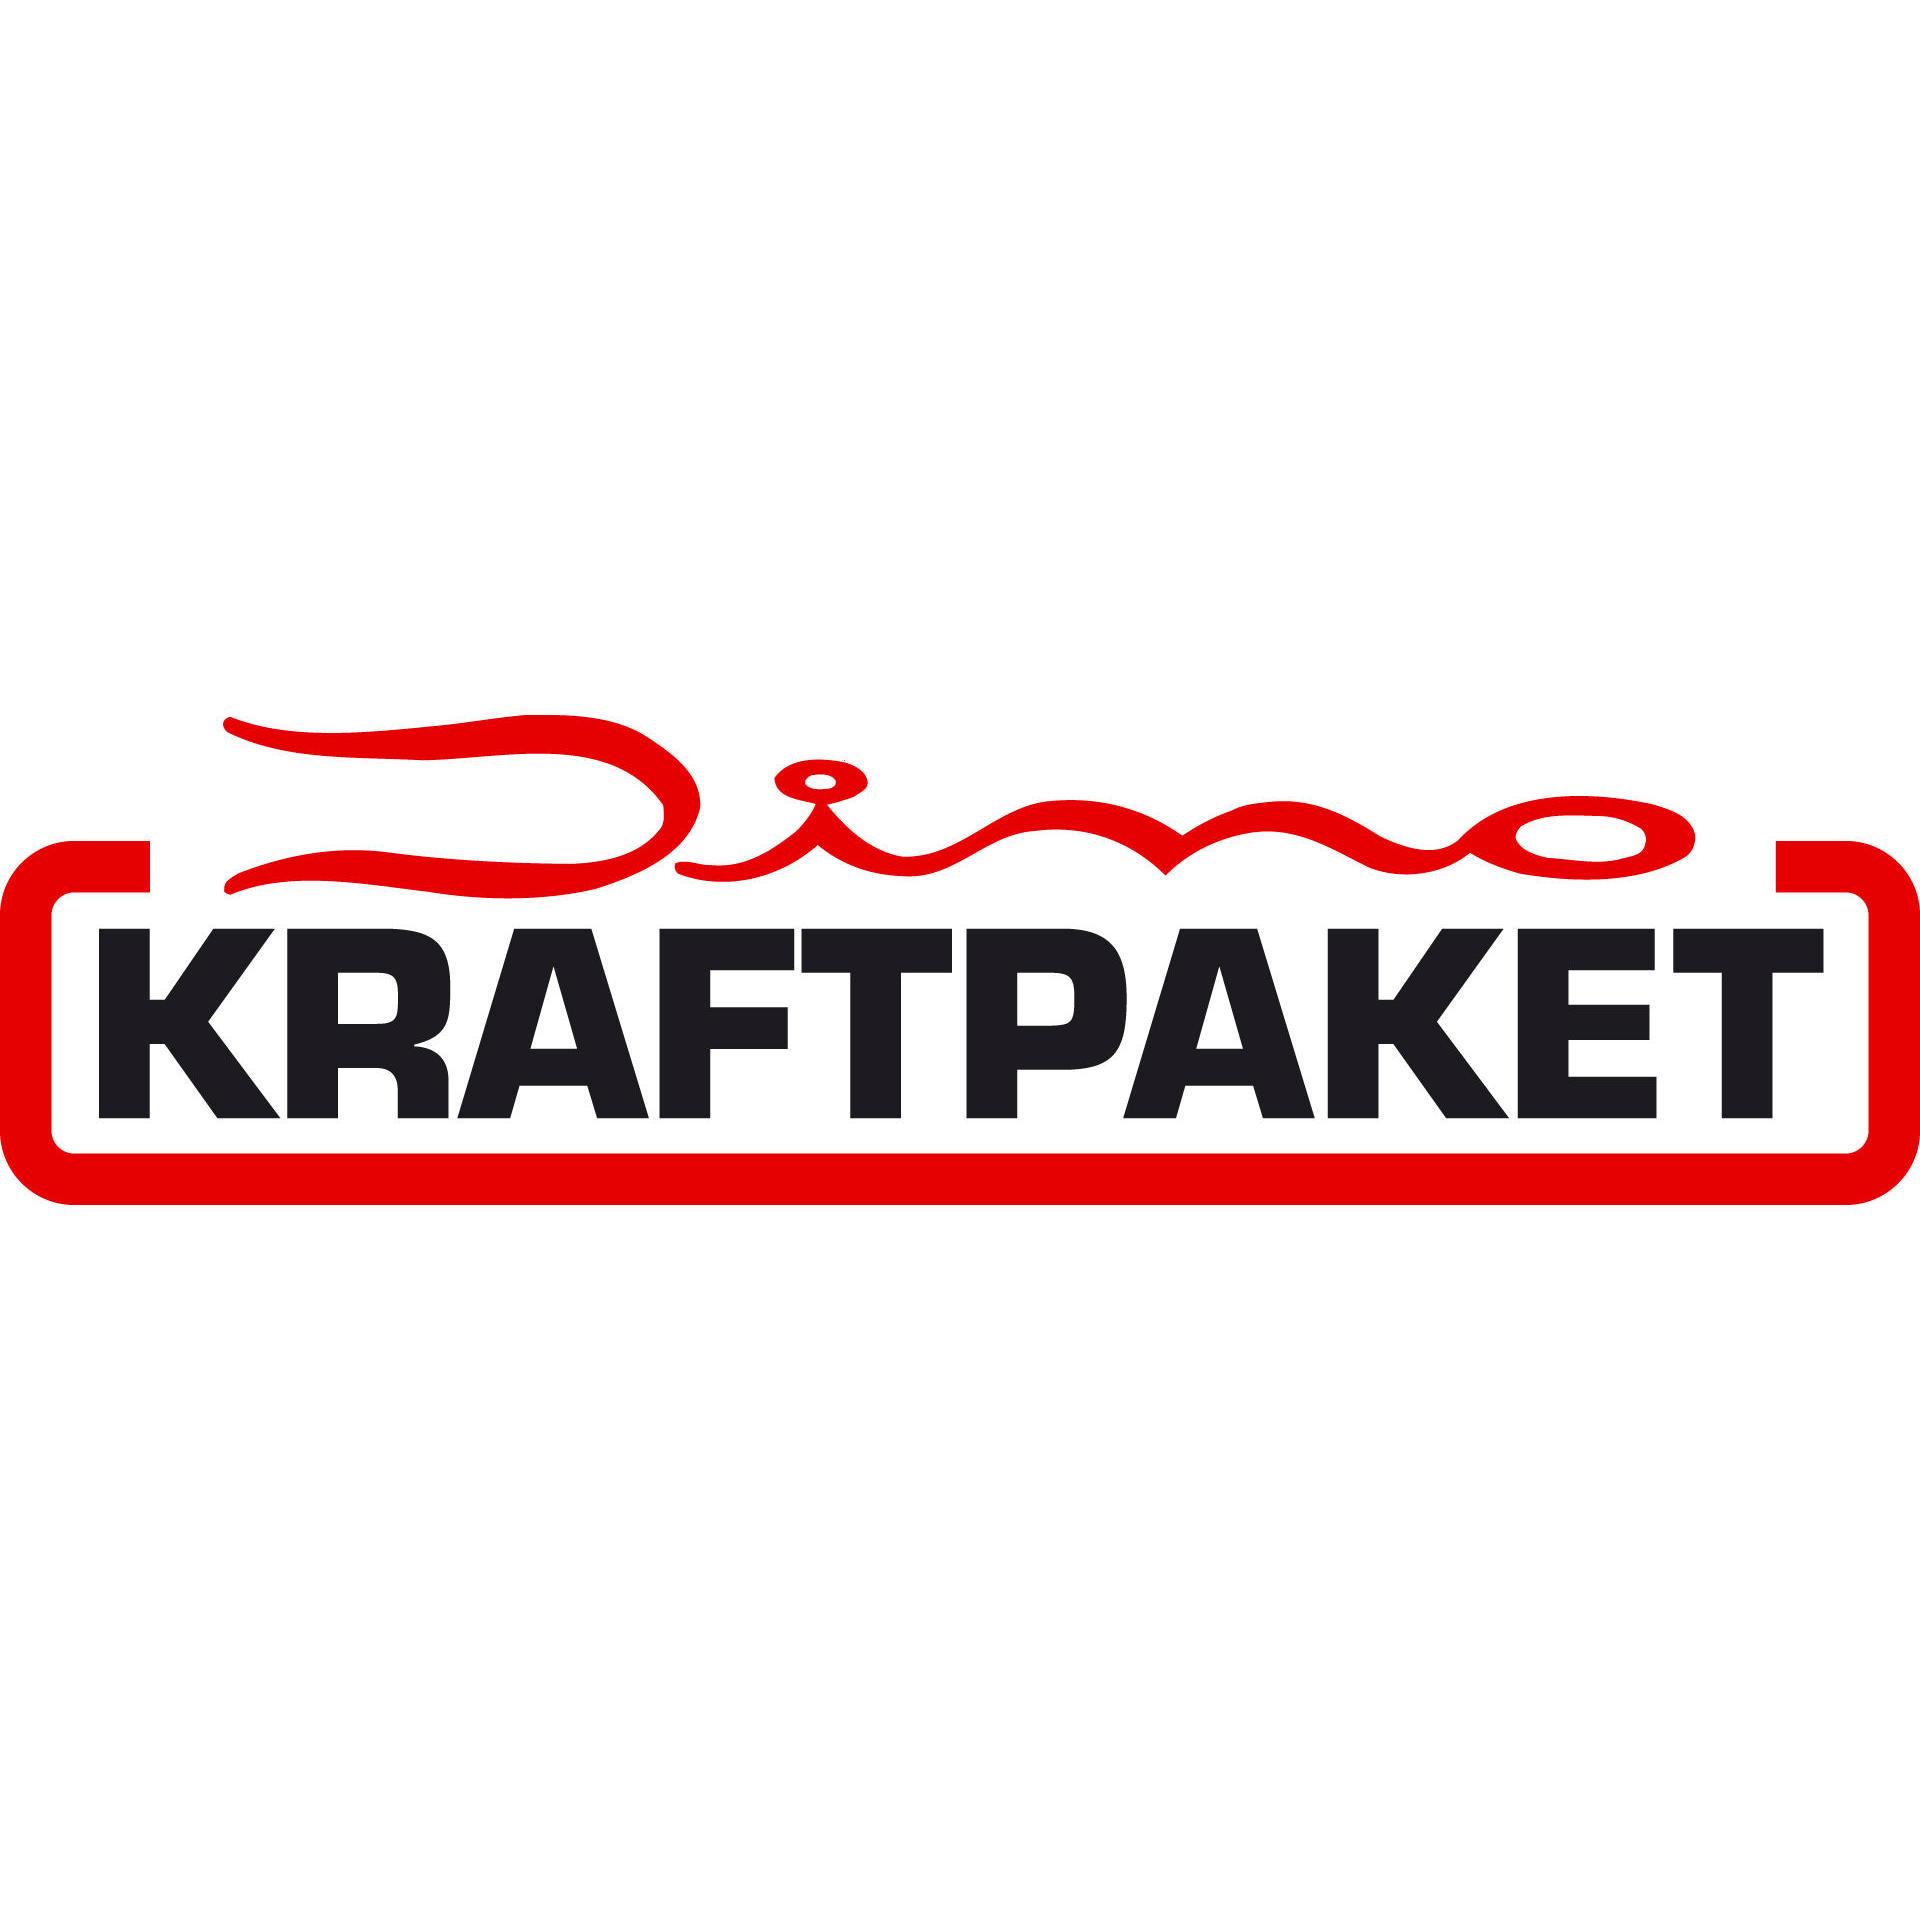 Bild zu Dino KRAFTPAKET - r.d.i Deutschland Autoteile + Vertriebs GmbH in Herdecke